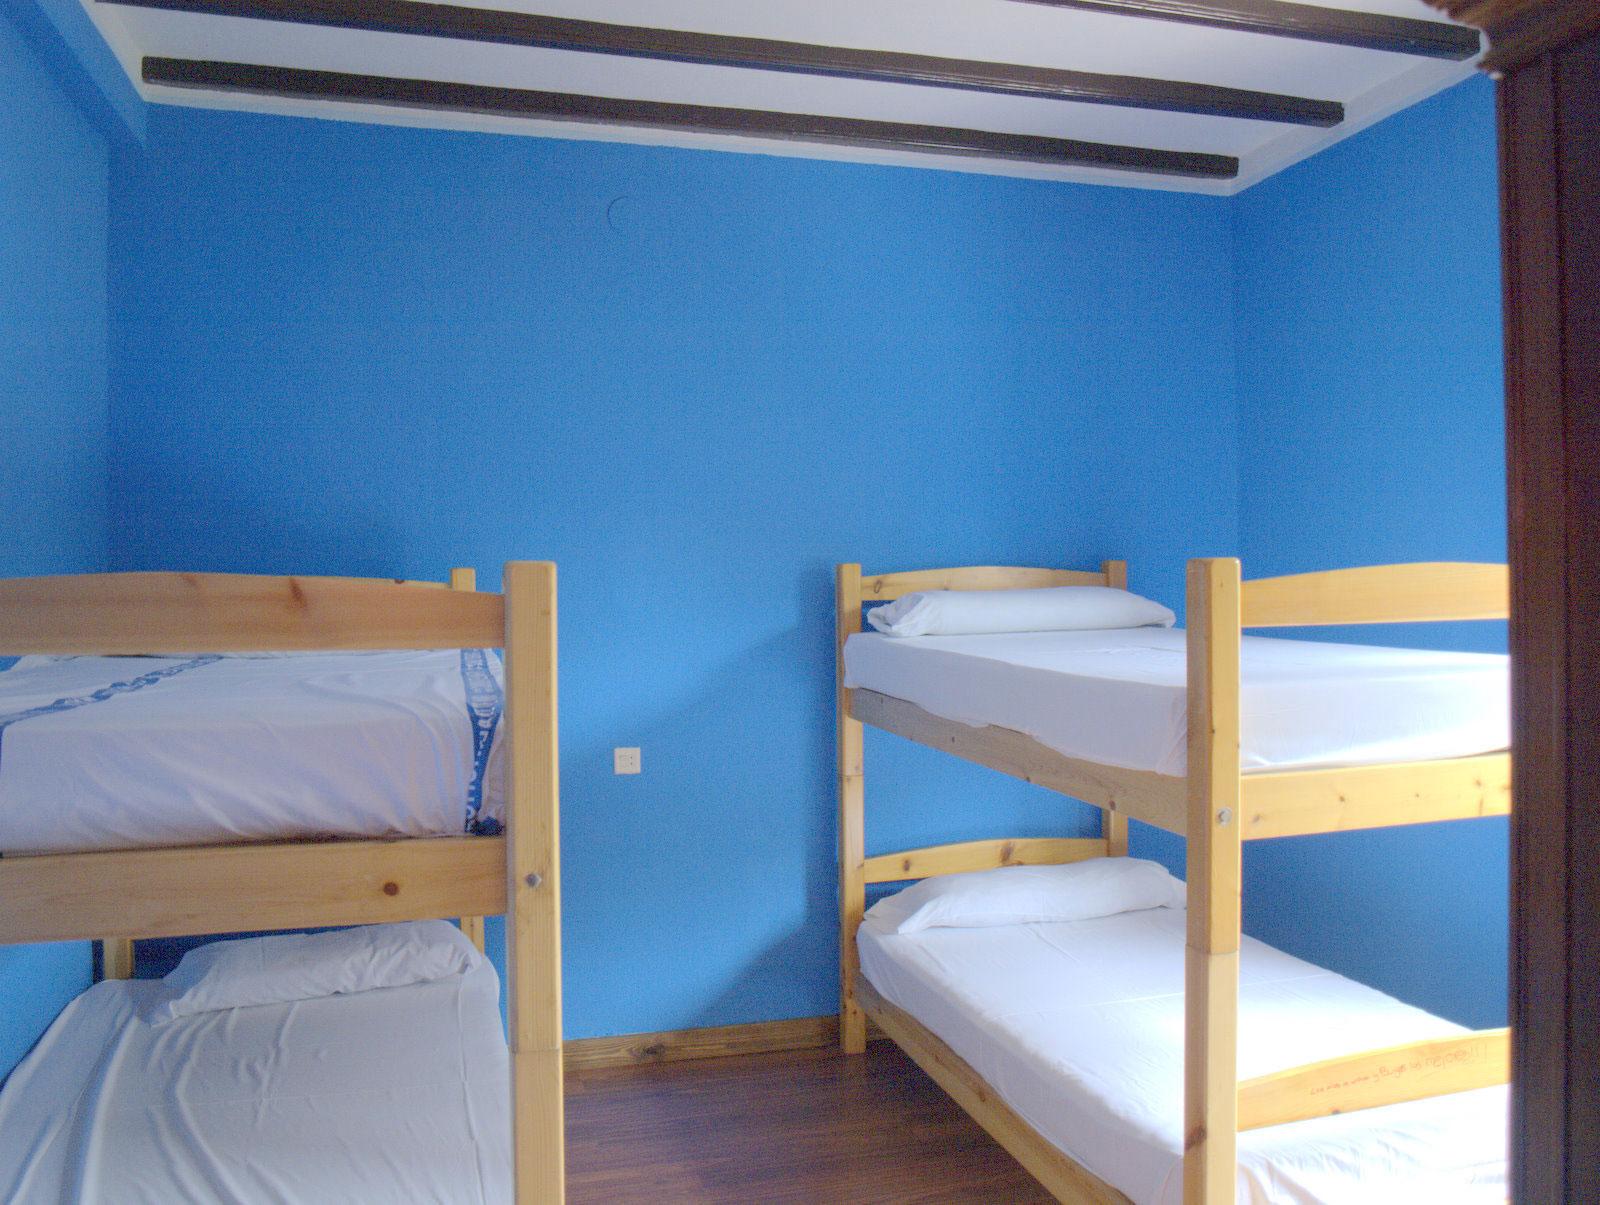 interior-habitacion-albergue-2